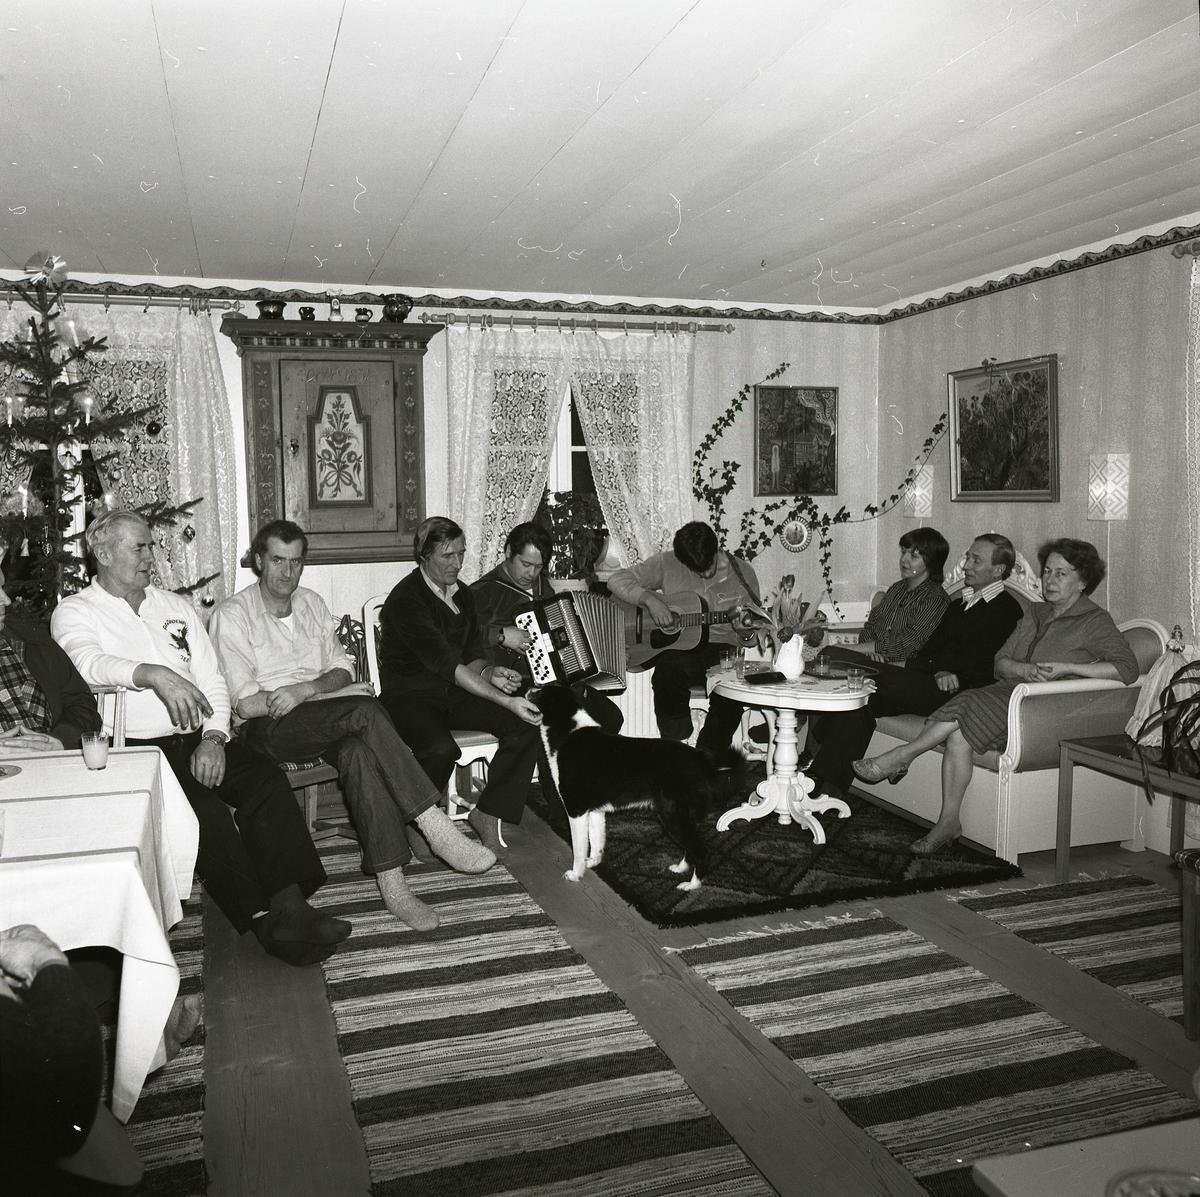 Längs väggarna sitter män och kvinnor uppradade i soffor och stolar för att lyssna till musik. De musicerande har tagit upp instrumenten och spelar koncentrerat. Hela sällskapet inklusive hunden har samlats i sällskapsrummet där julgran, mattor och gardiner pryder gemaket.